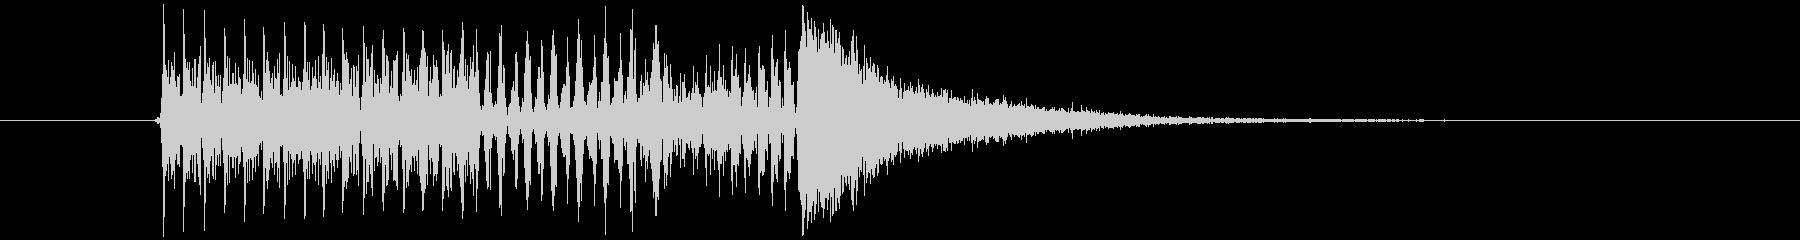 クイズで答える直前の音の未再生の波形